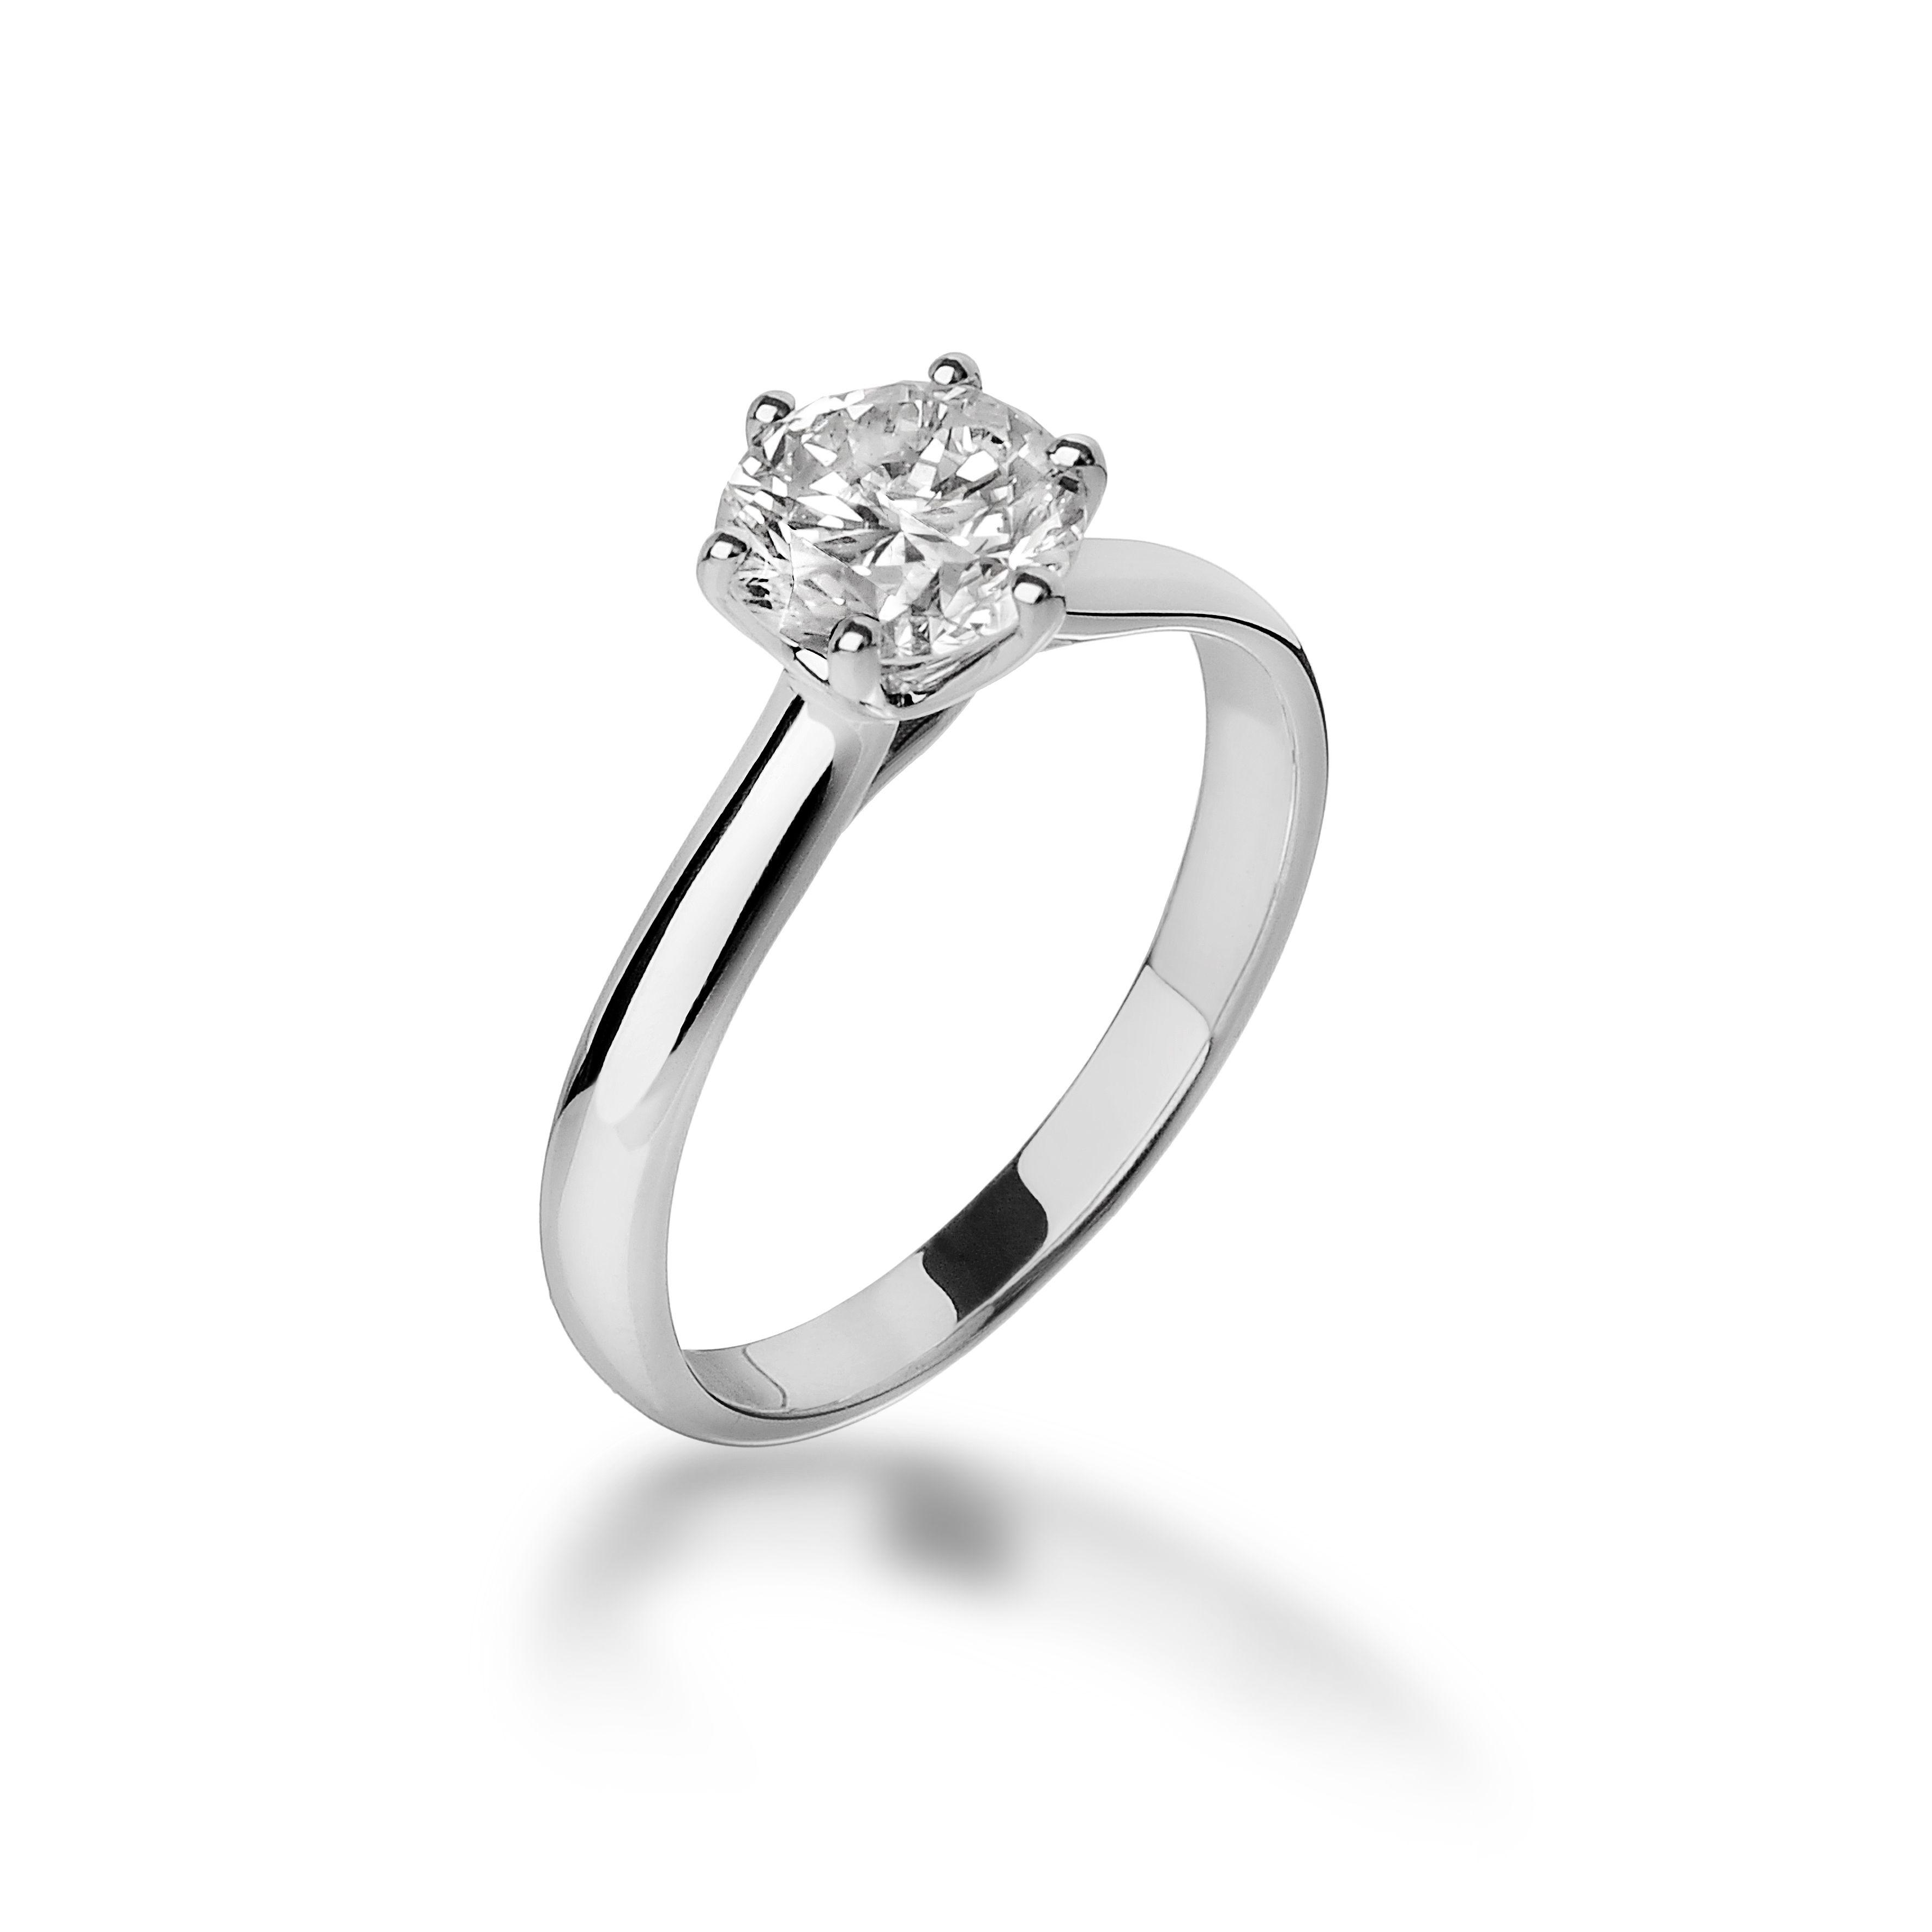 Francine Anello Solitario In Oro Bianco Anelli Con Diamanti Gioielli Anelli Di Fidanzamento